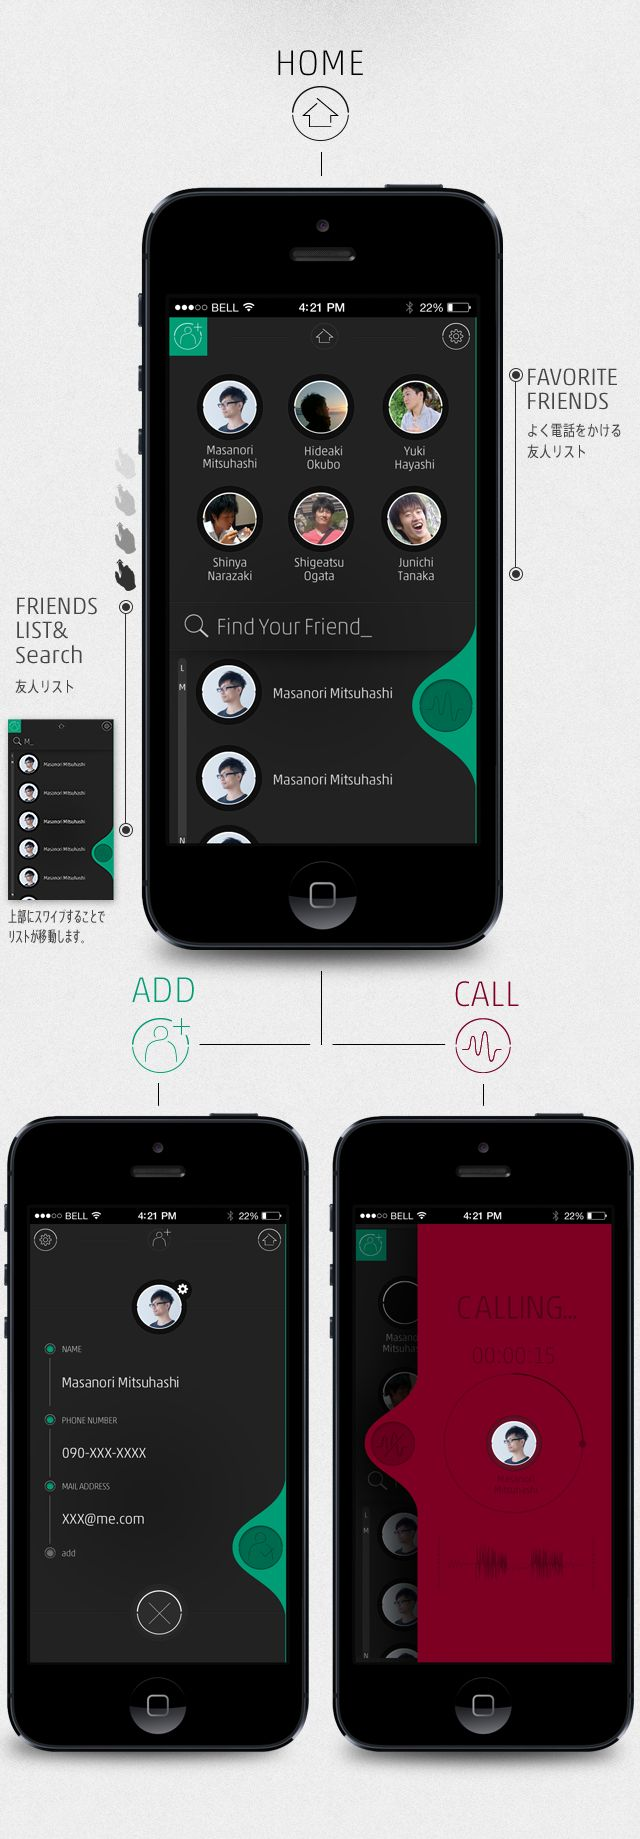 Drop calling | Interface intéressante, invitant, et visualisant vraiment l'utilisation des doigts et leur action